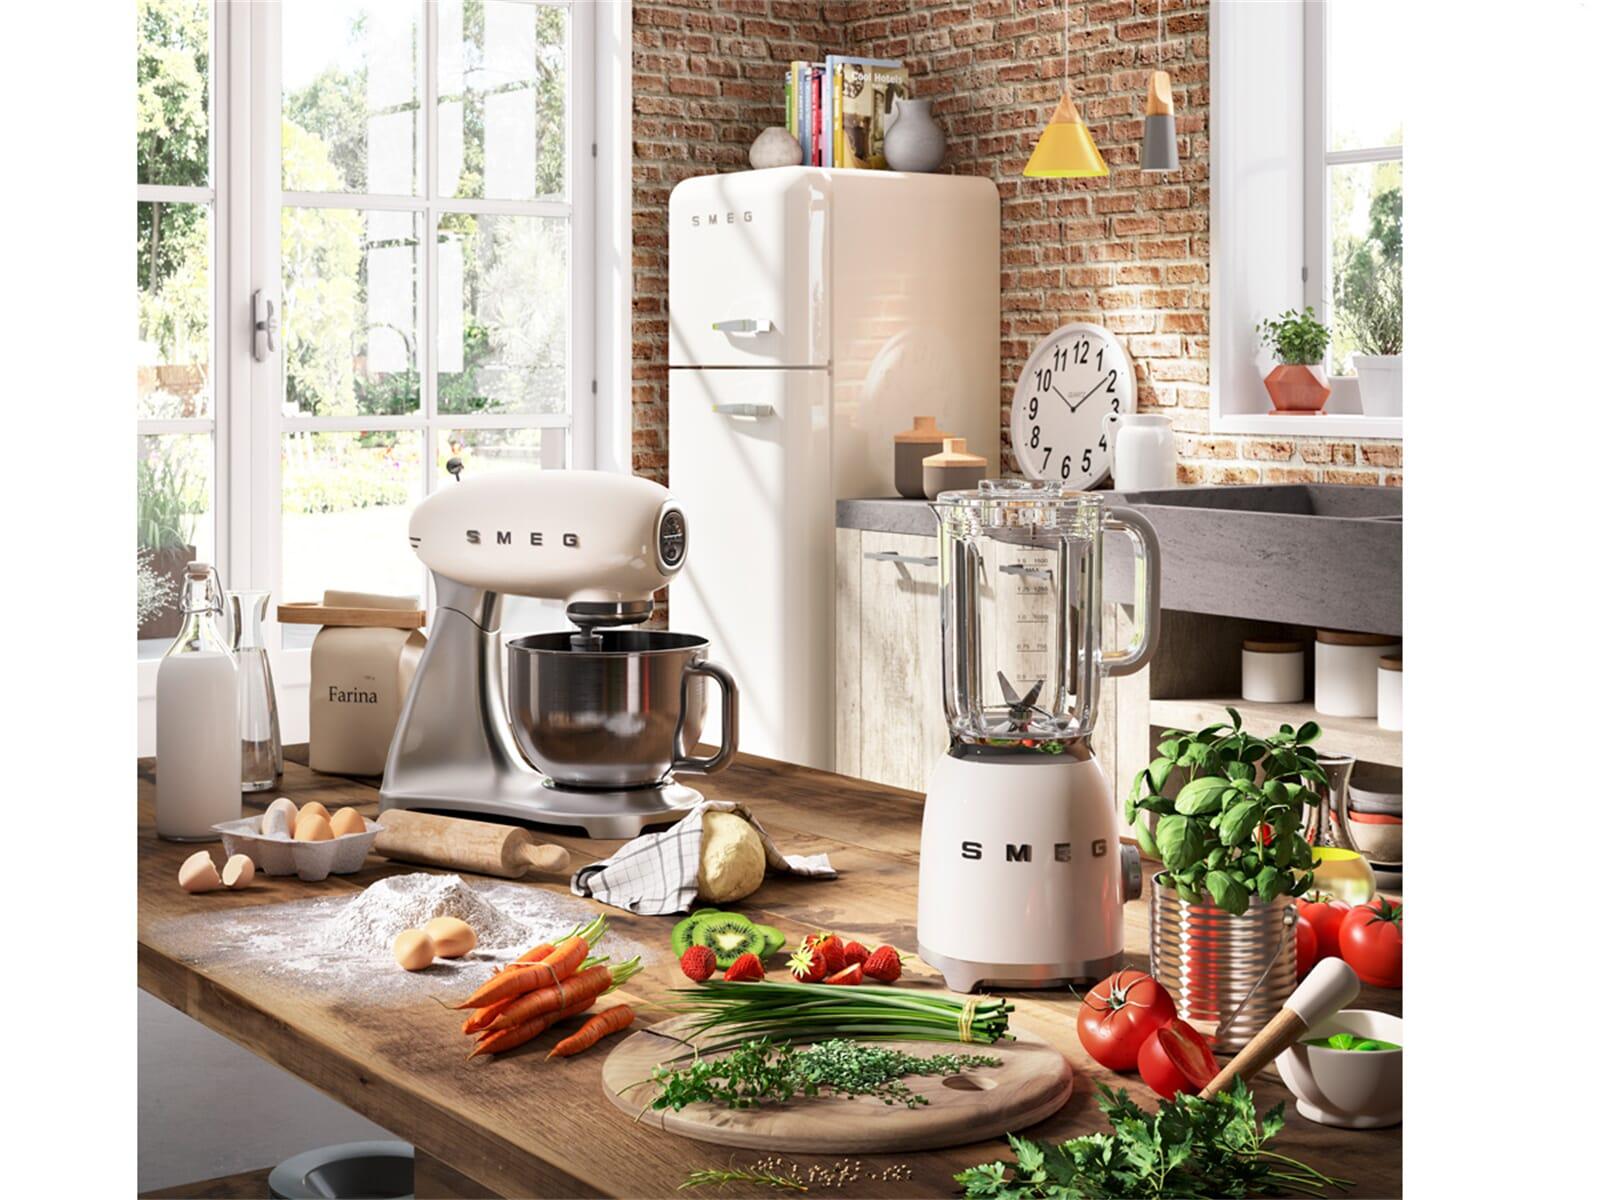 Bosch Kühlschrank Creme : Smeg smf creu küchenmaschine creme